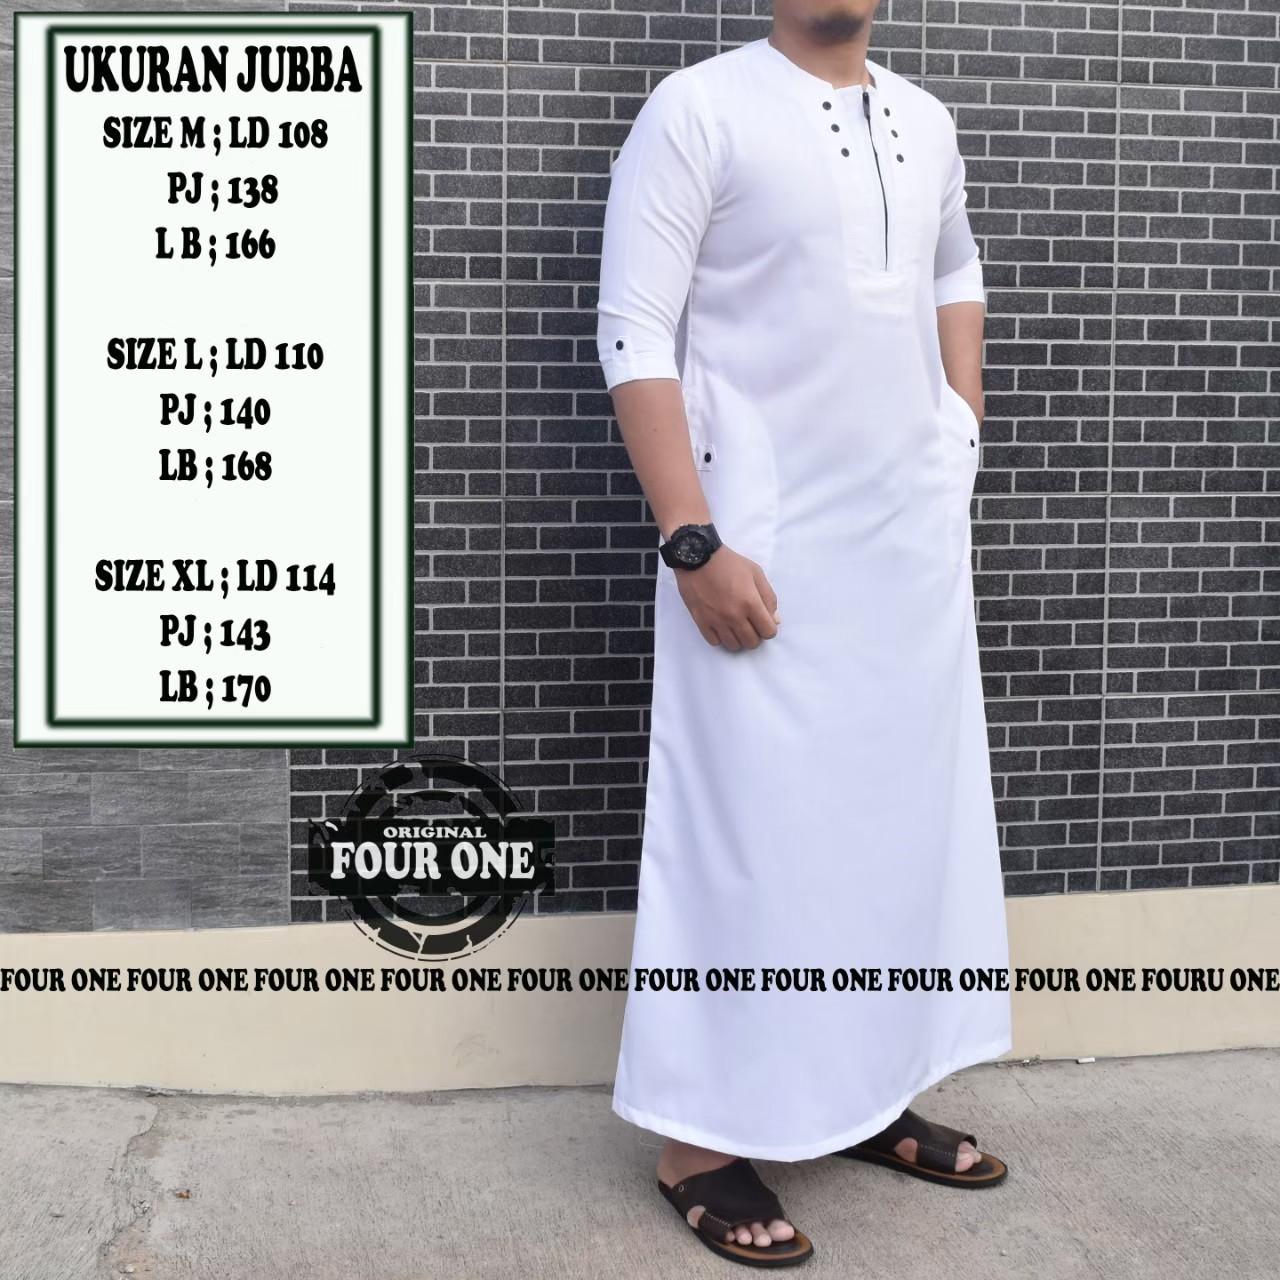 Remaja Style - Jubah Gamis Muslim Pria / Jubah Original / Baju Jubah  Original Mat Toyobo Premium Import / Jubah Pria Terbaru 12 / Jubah  Terbaru /